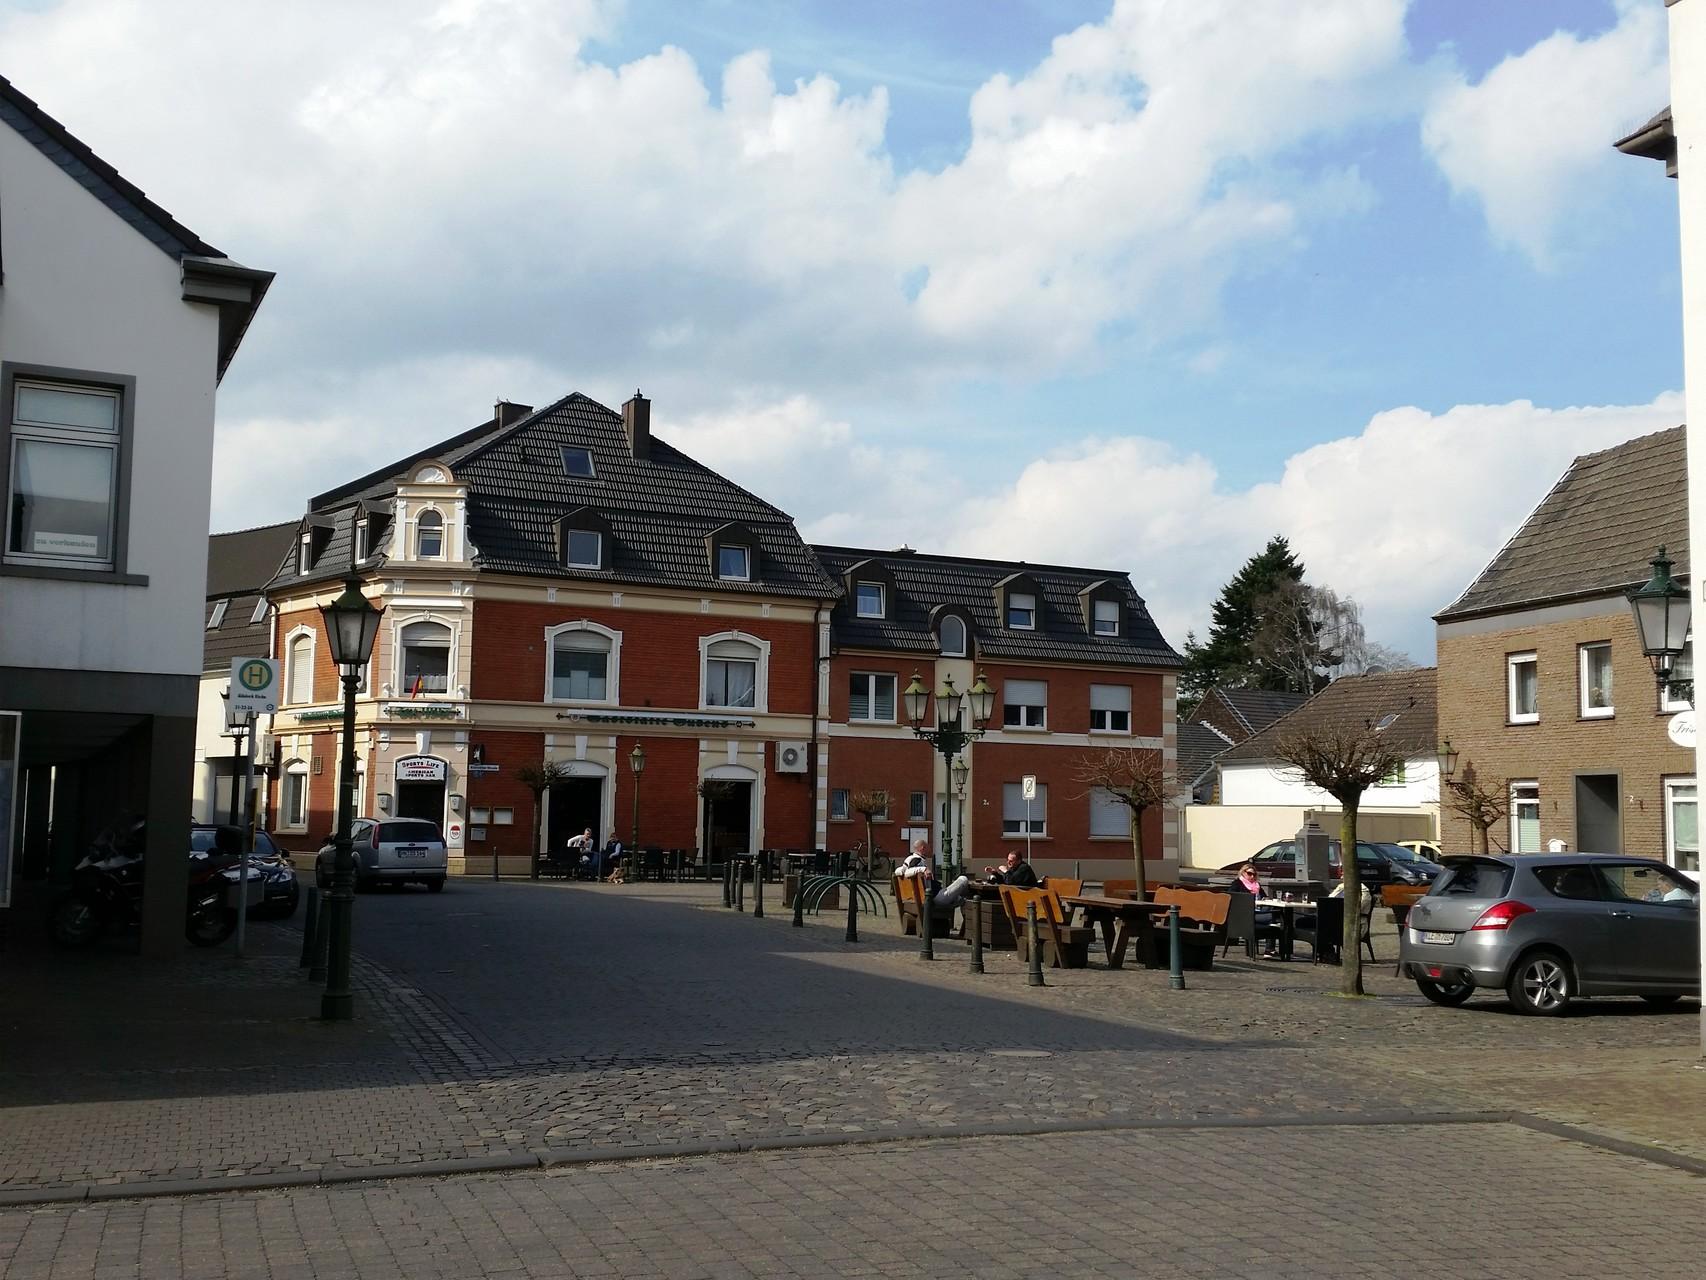 Kleiner Markt mit Brunnen und zwei Gaststätten mit Außengastronomie